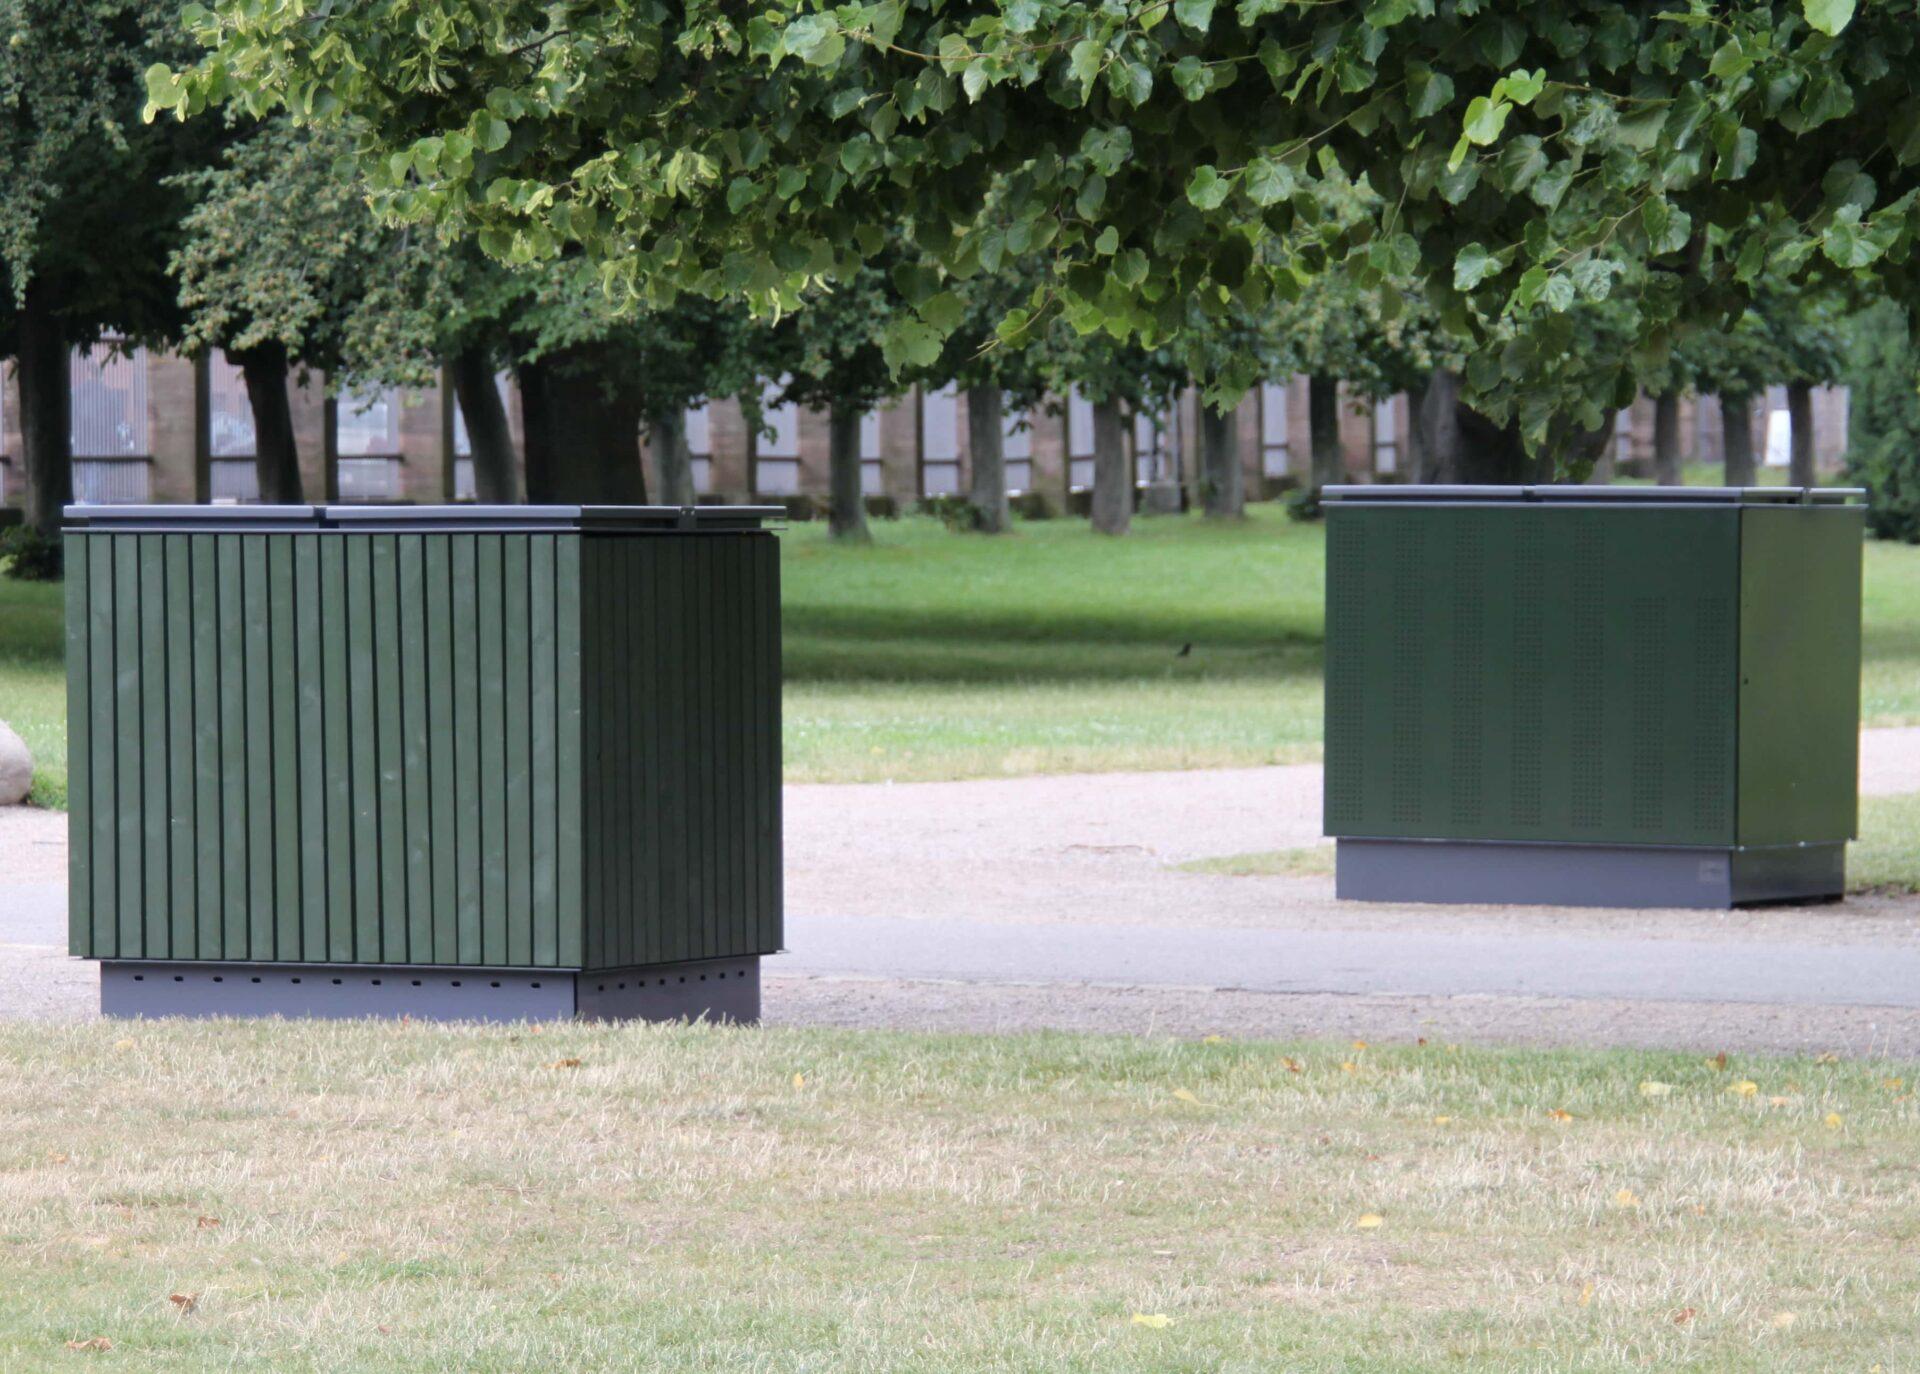 Deposit overdækning og miljøstation, variationer med træ- og metalbeklædning